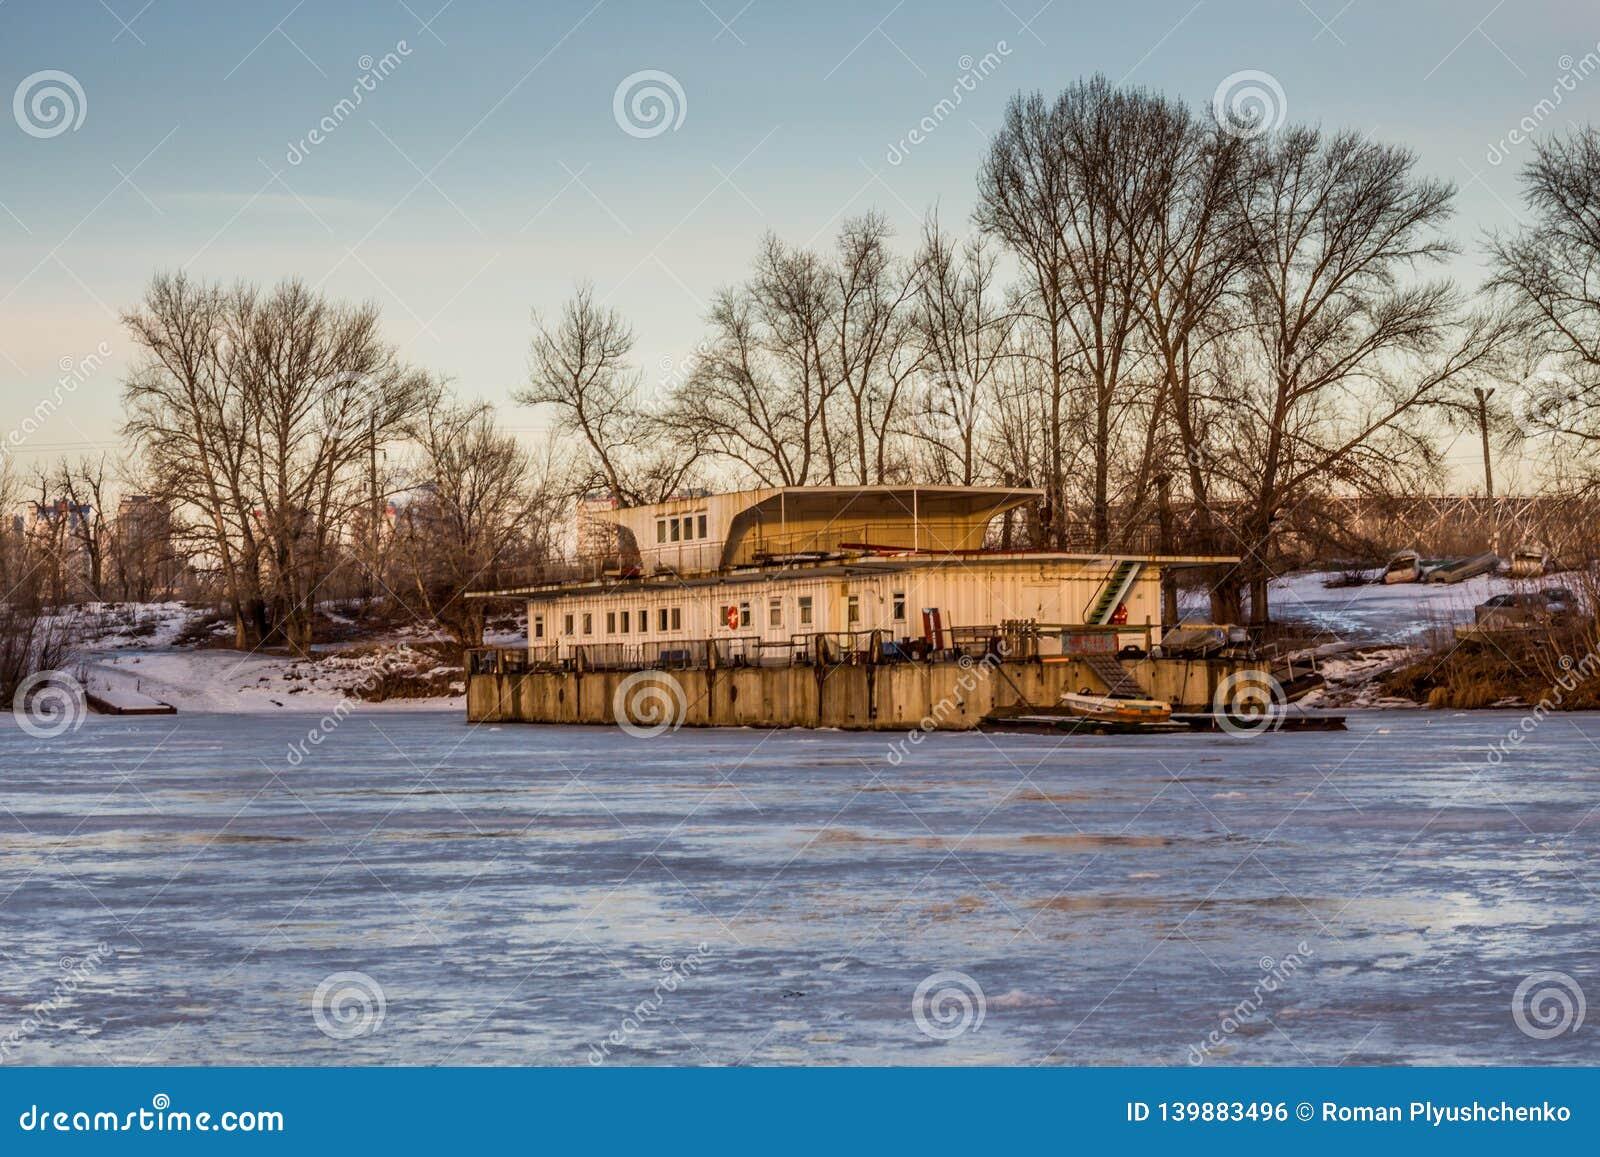 Un embarcadero abandonado viejo en el lago congelado